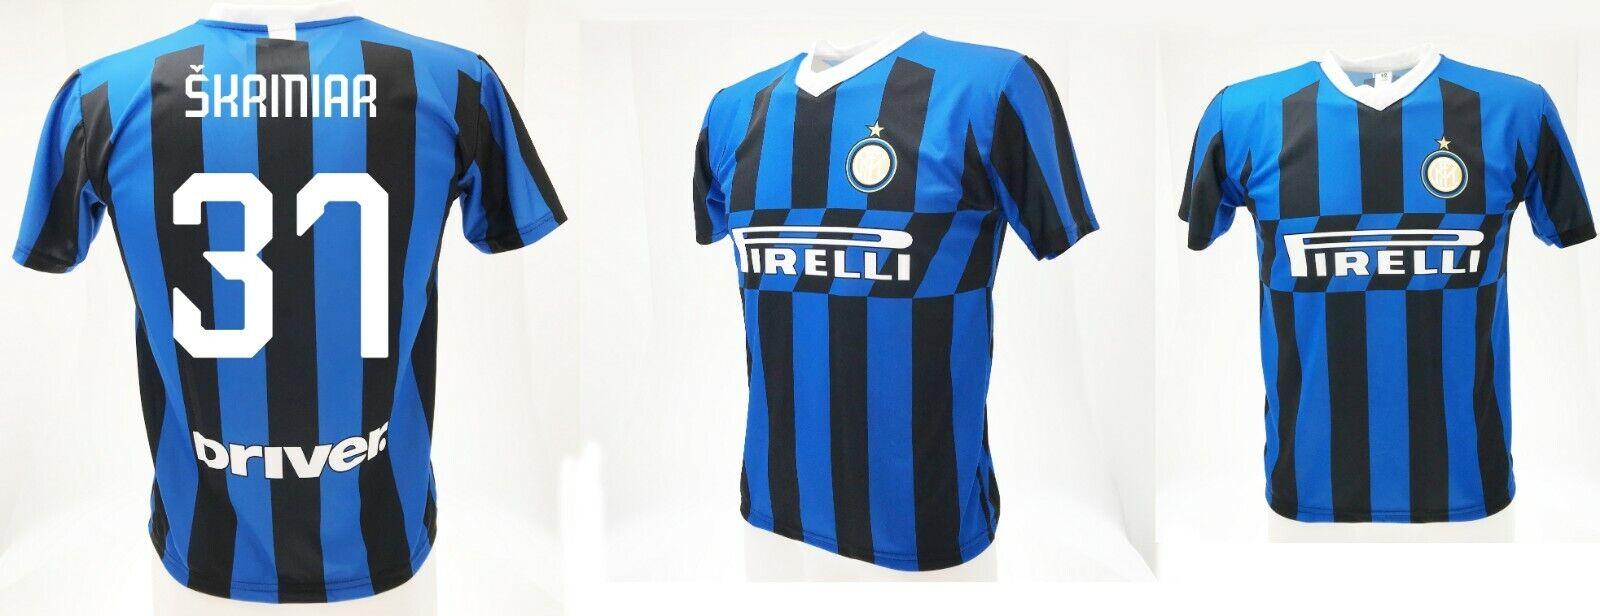 Camiseta Skriniar Inter  2020 Producto Oficial Uniforme Oficial 2019 Milán 37  ofreciendo 100%